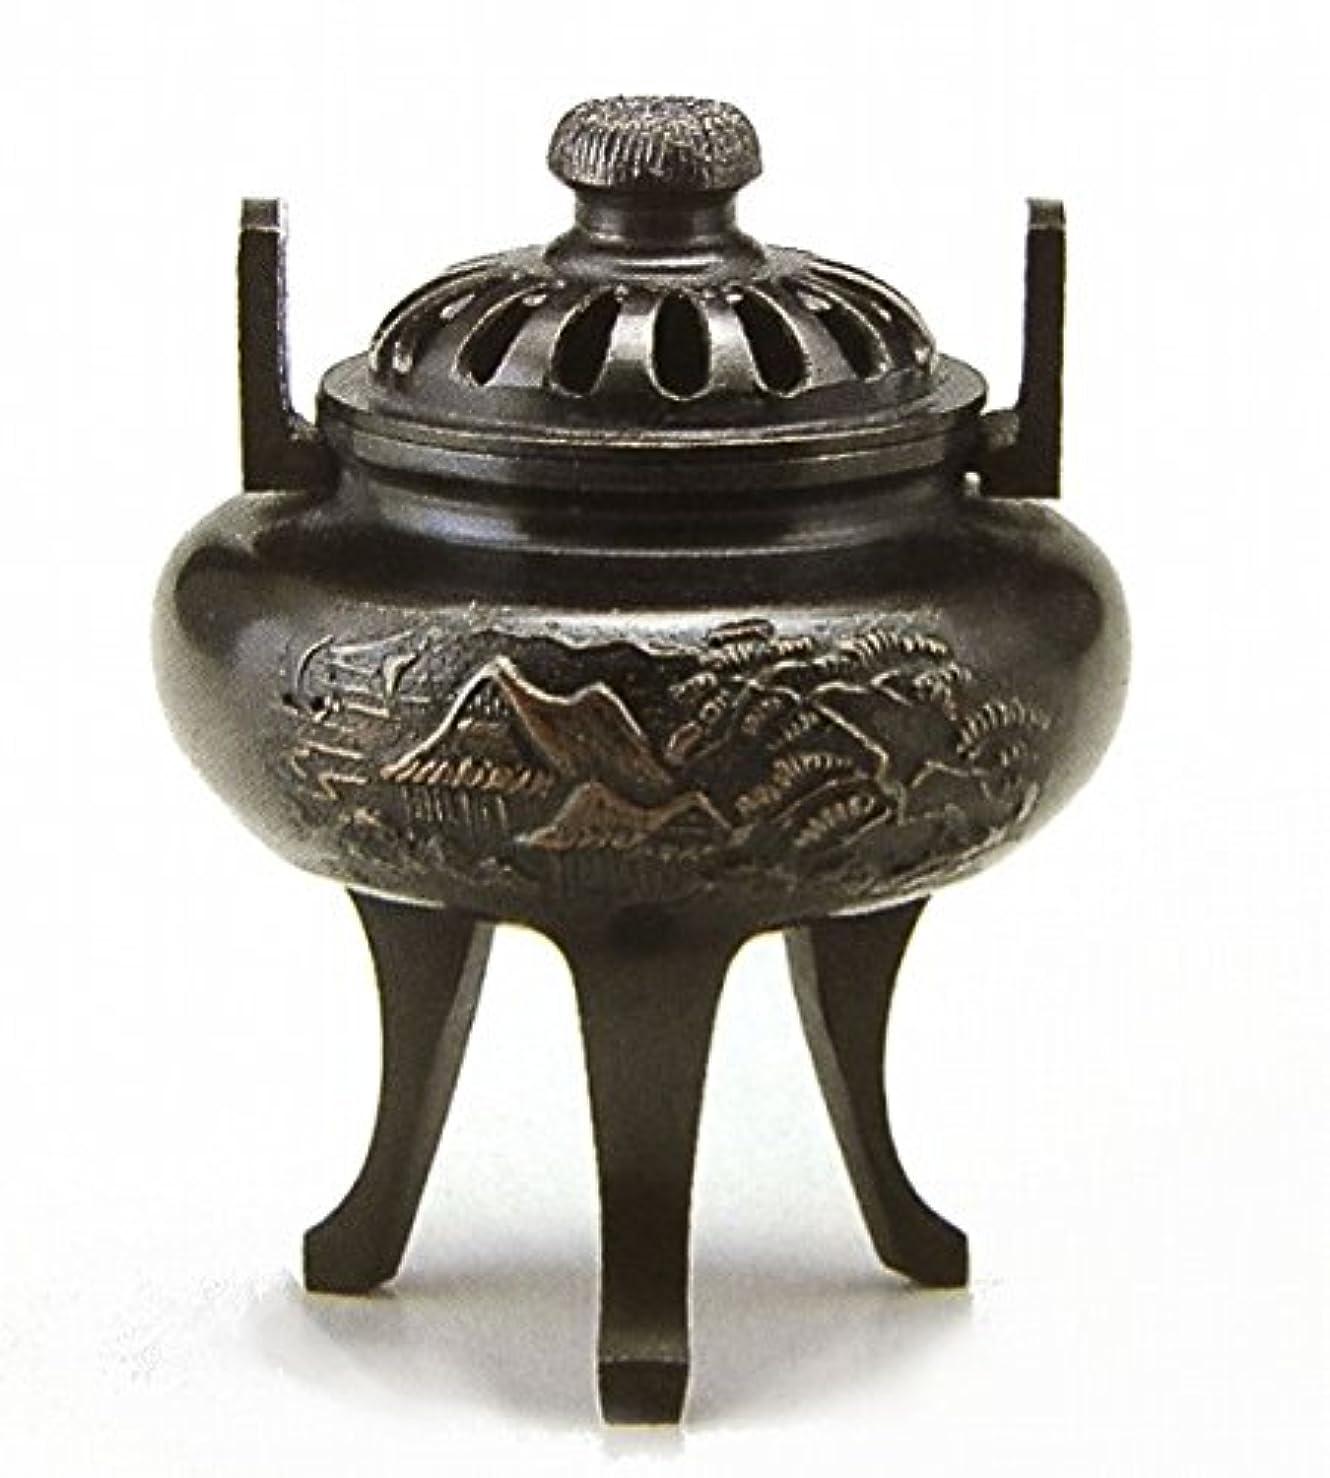 『菊蓋山水香炉』銅製